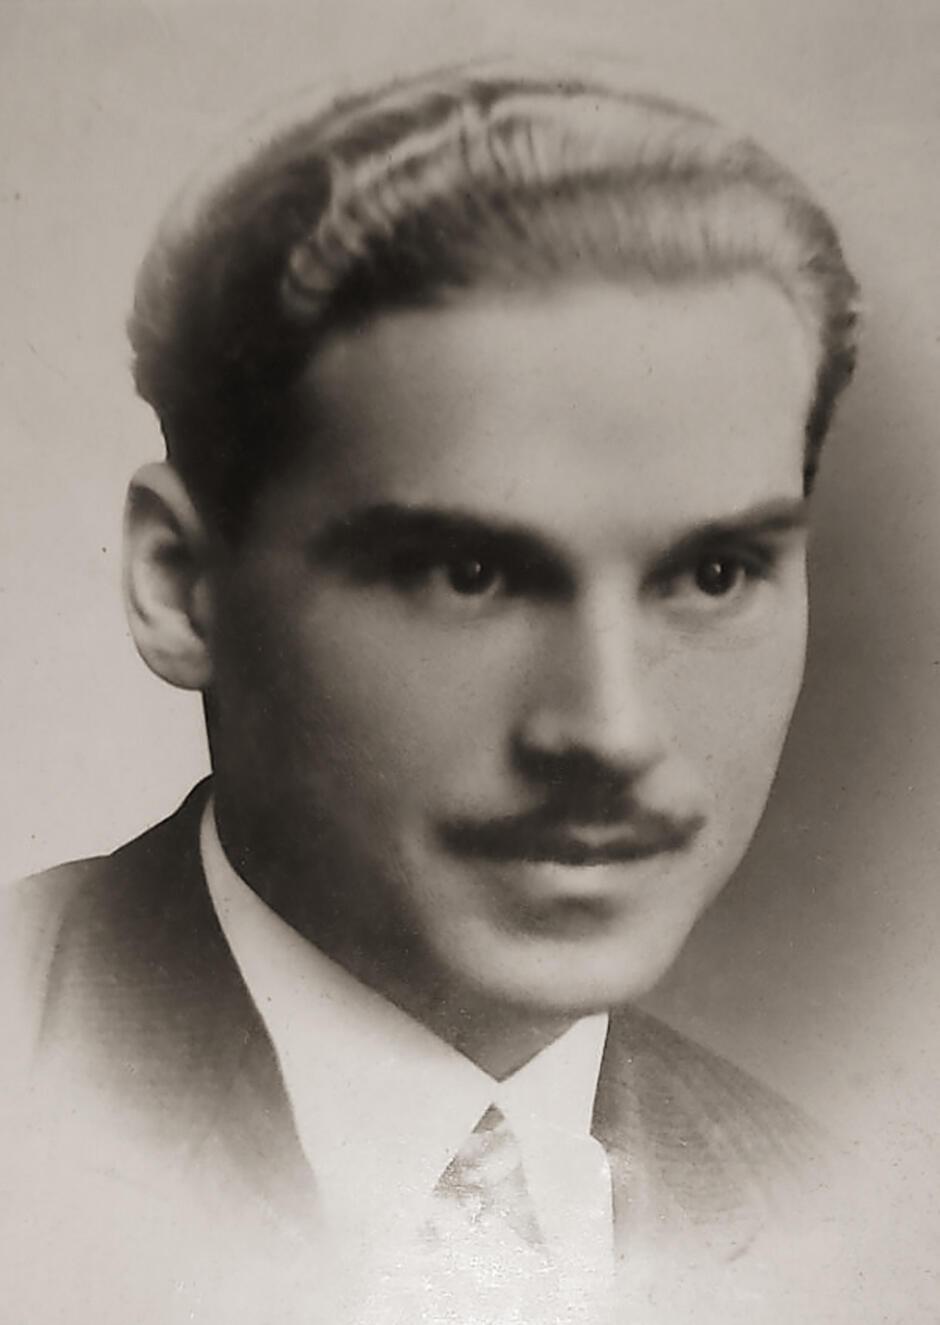 Portret Mieczysława Manowieckiego w wieku ok. 20 lat